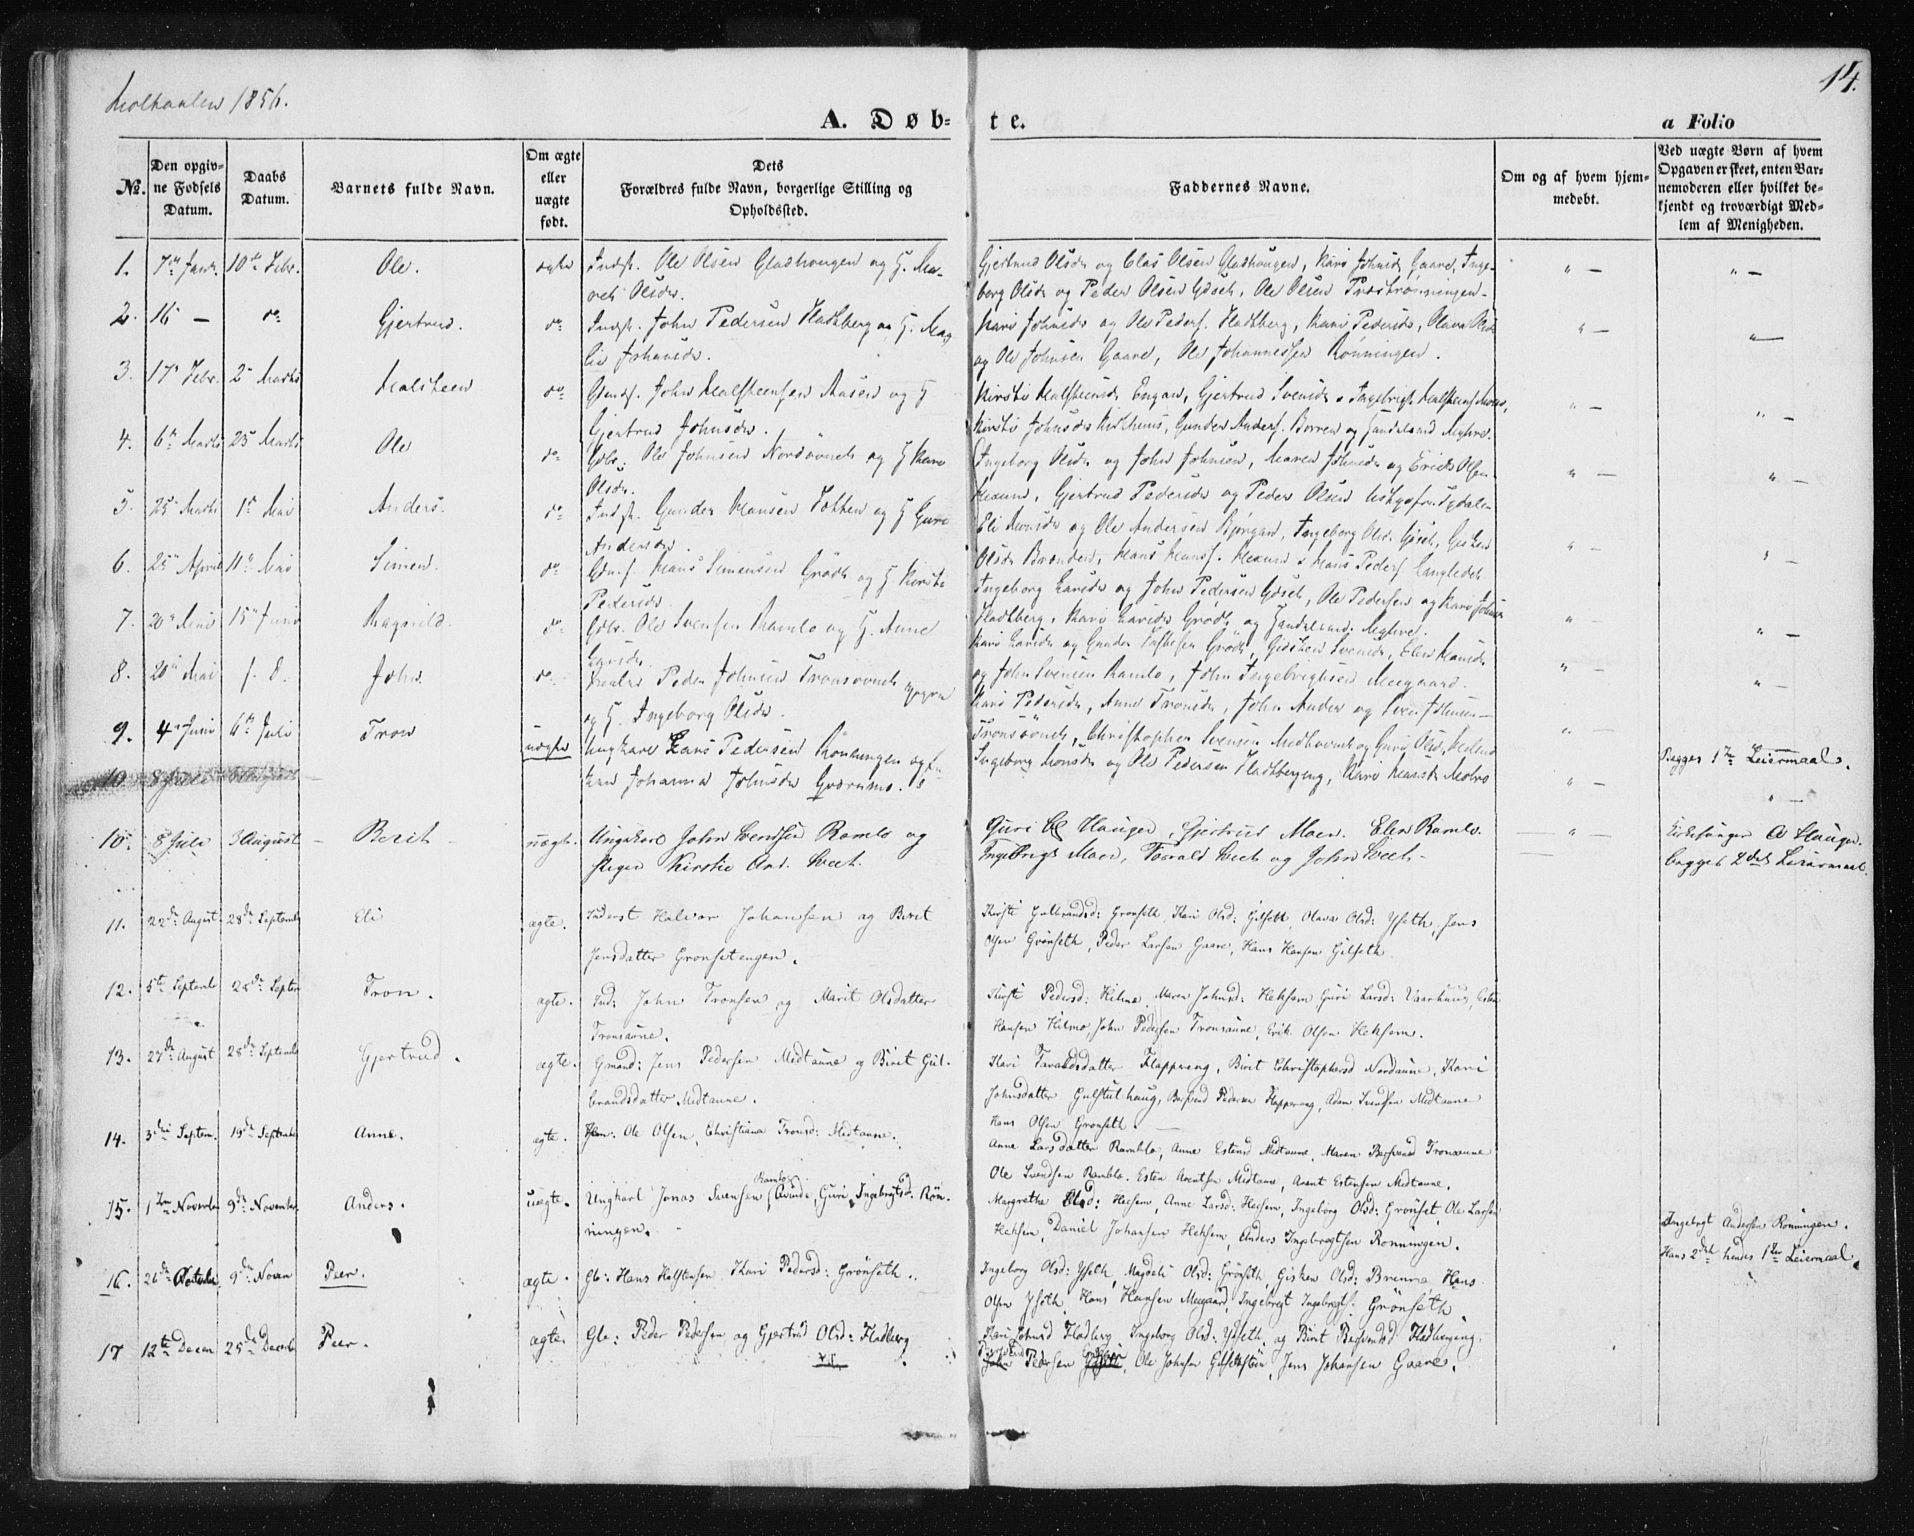 SAT, Ministerialprotokoller, klokkerbøker og fødselsregistre - Sør-Trøndelag, 685/L0963: Ministerialbok nr. 685A06 /1, 1846-1859, s. 14